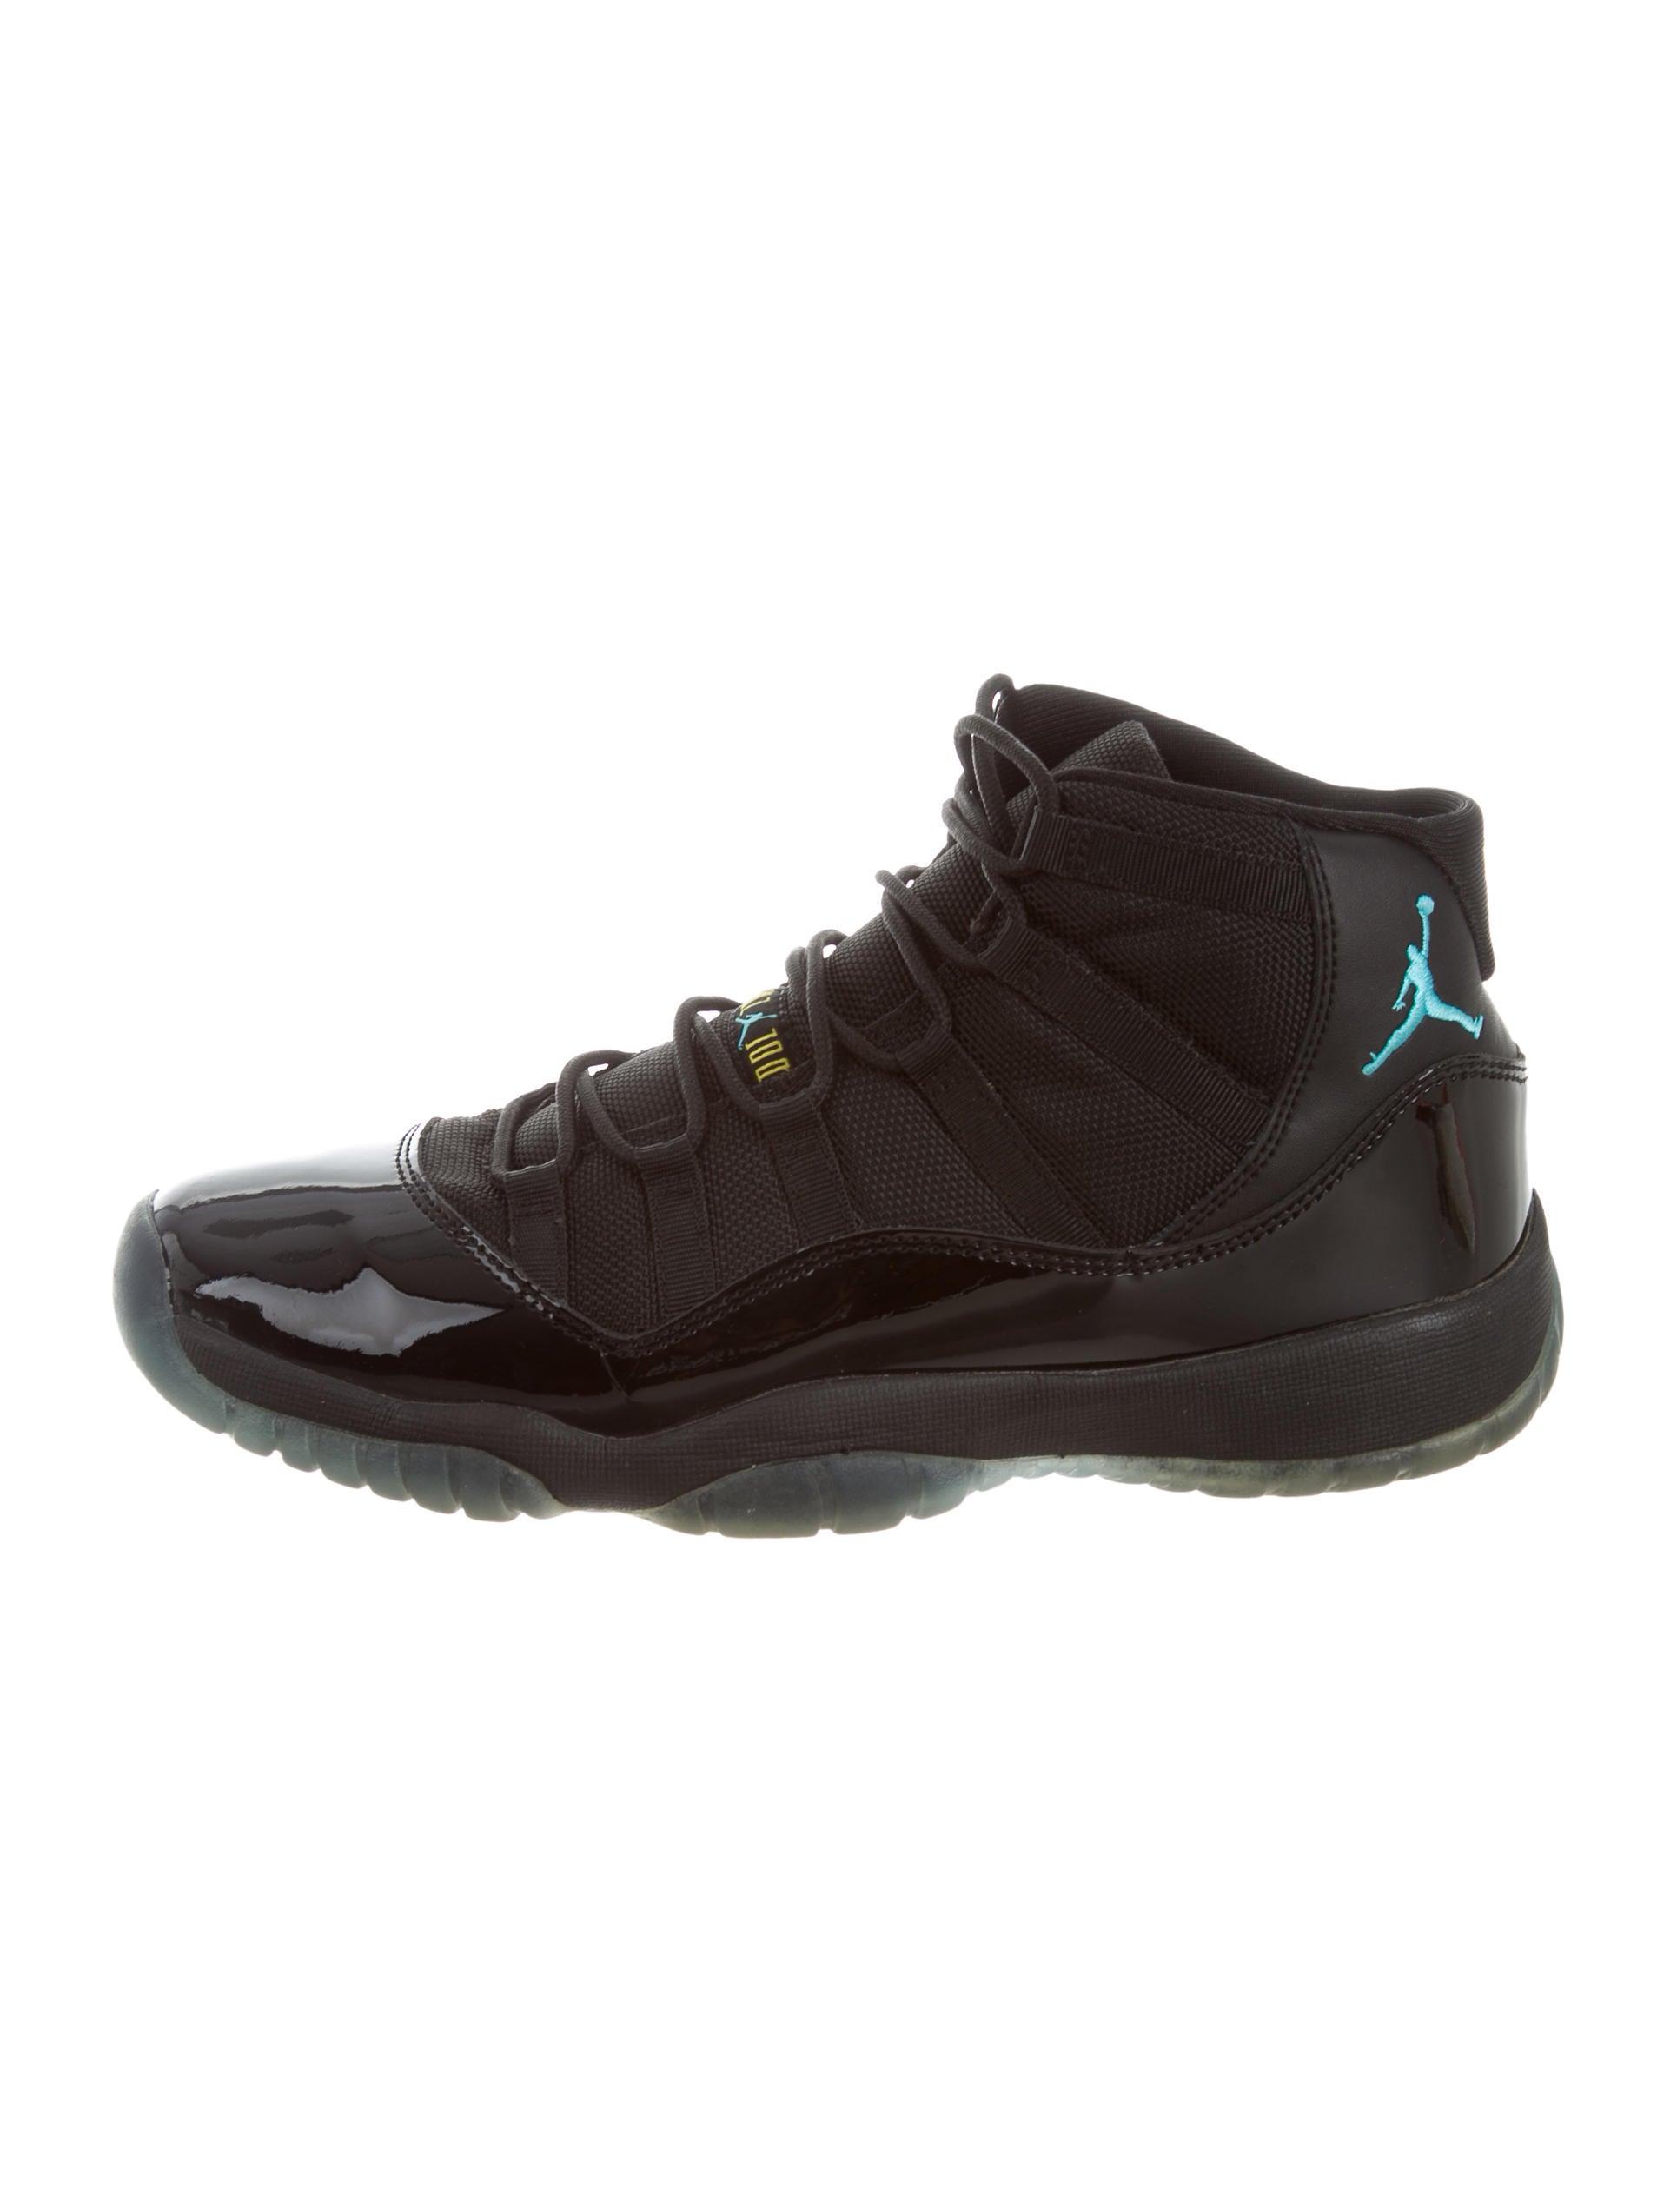 9032dff1d118e Chaussures Air Jordan 18 France Online Chaussures Air Jordan ...